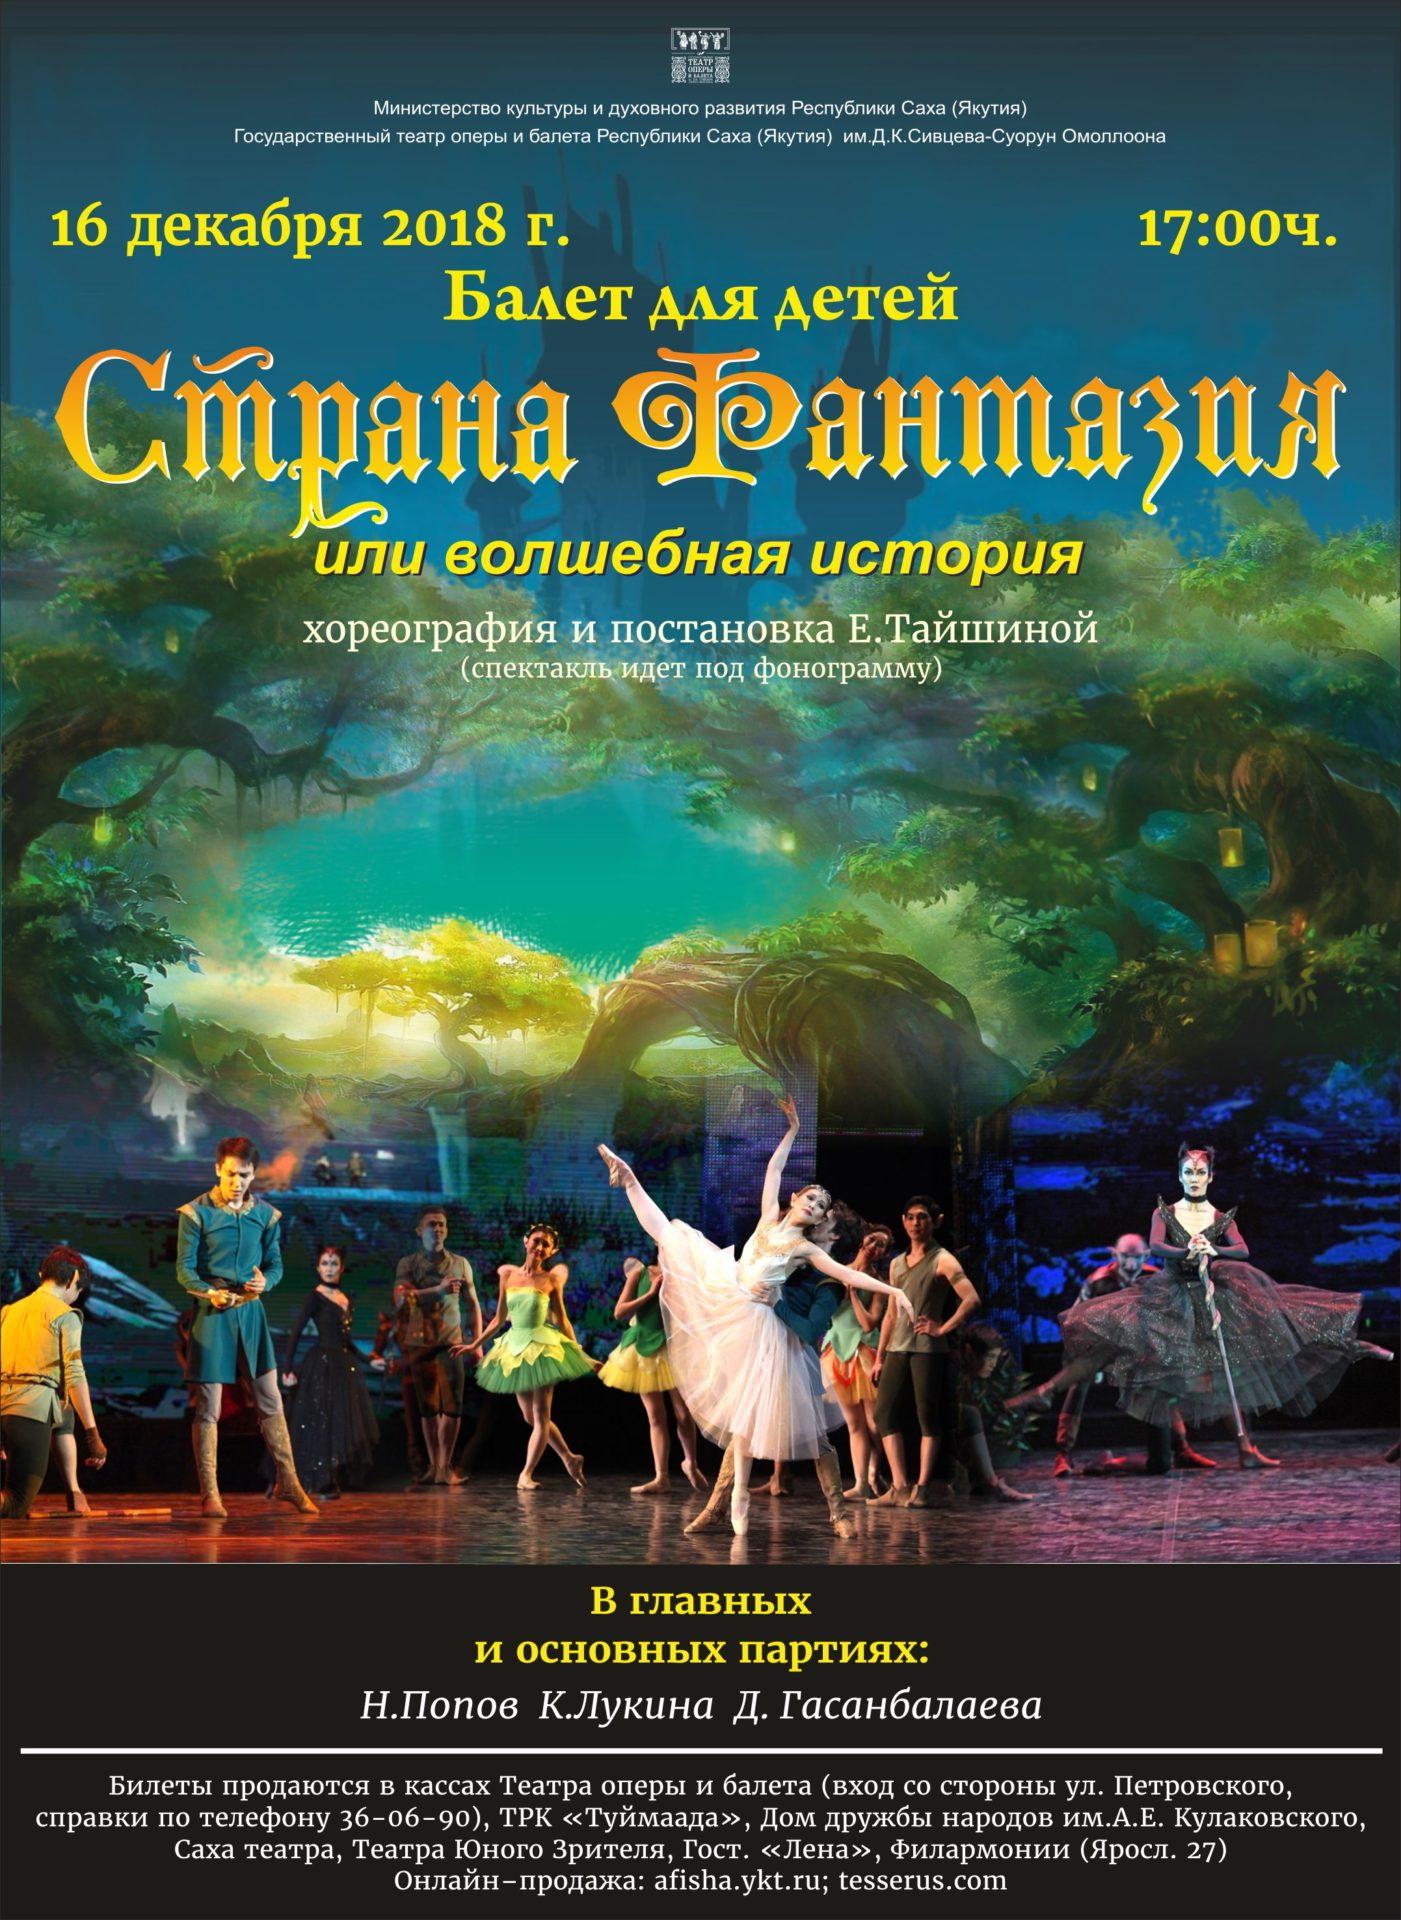 ГТОиБ приглашает детей и взрослых на балет-сказку «Страна Фантазия или волшебная история»